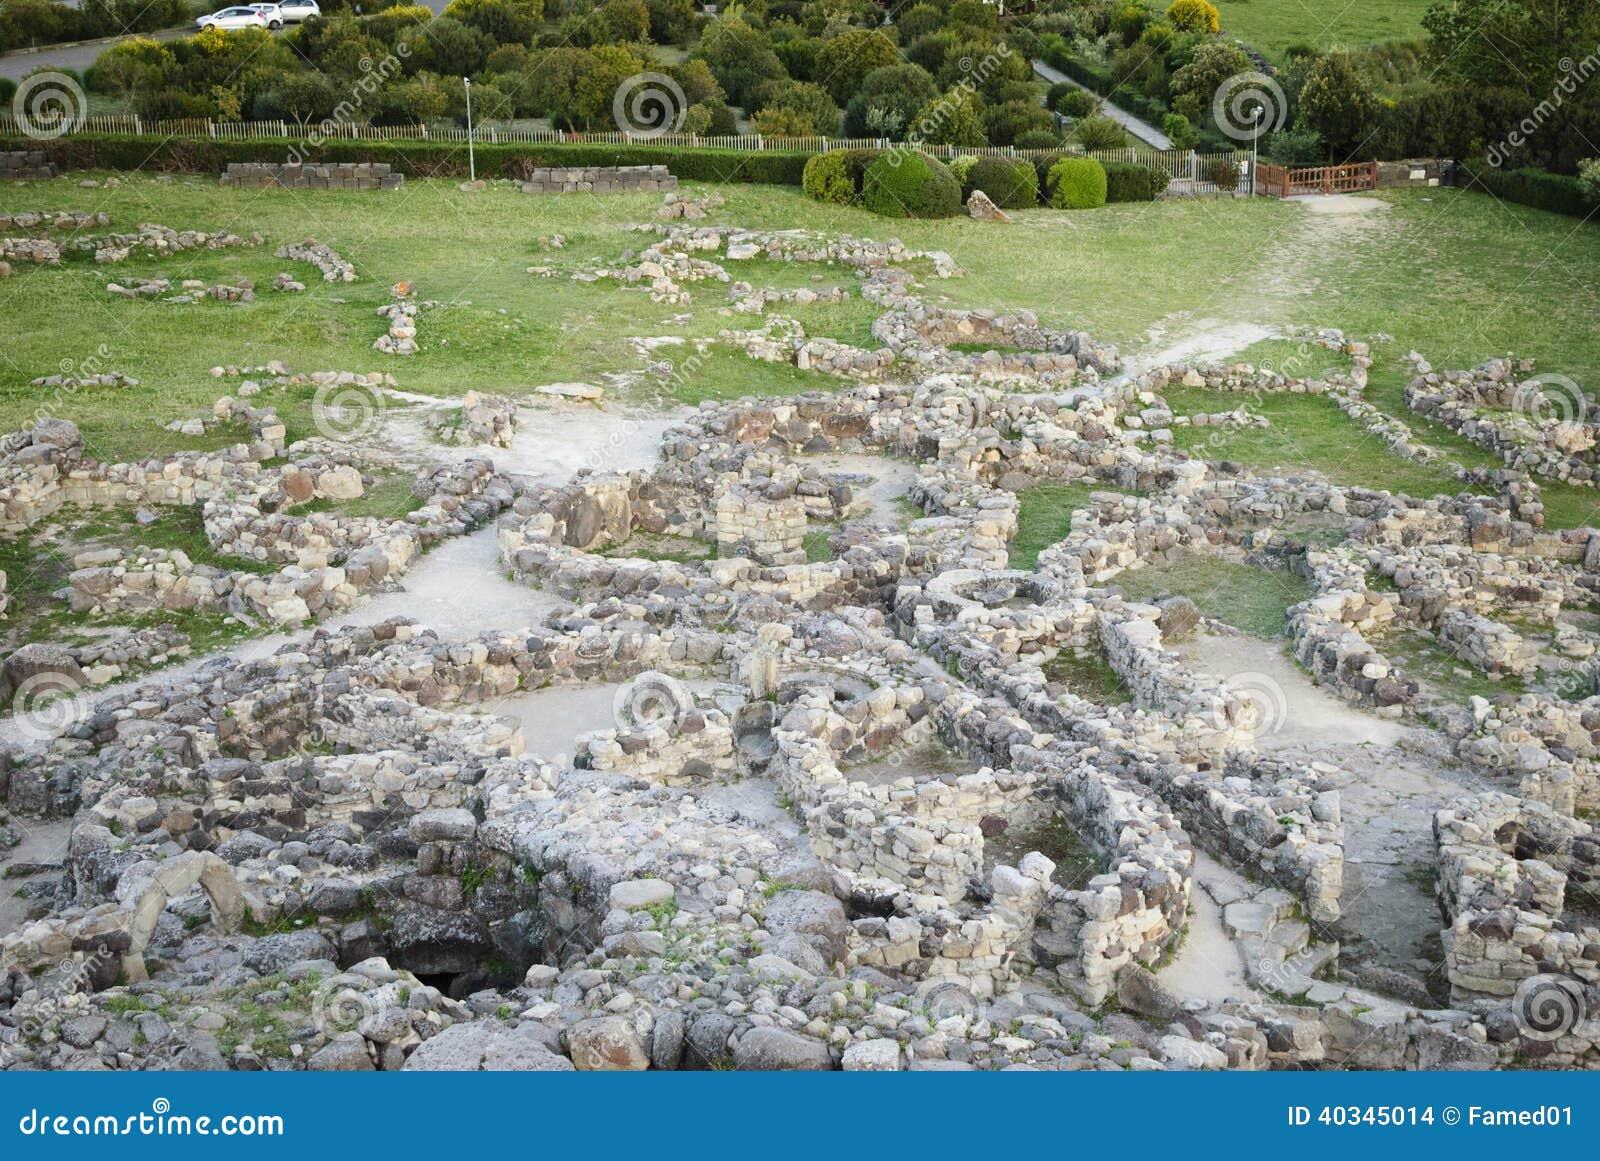 Sardinia. Barumini nuragic complex